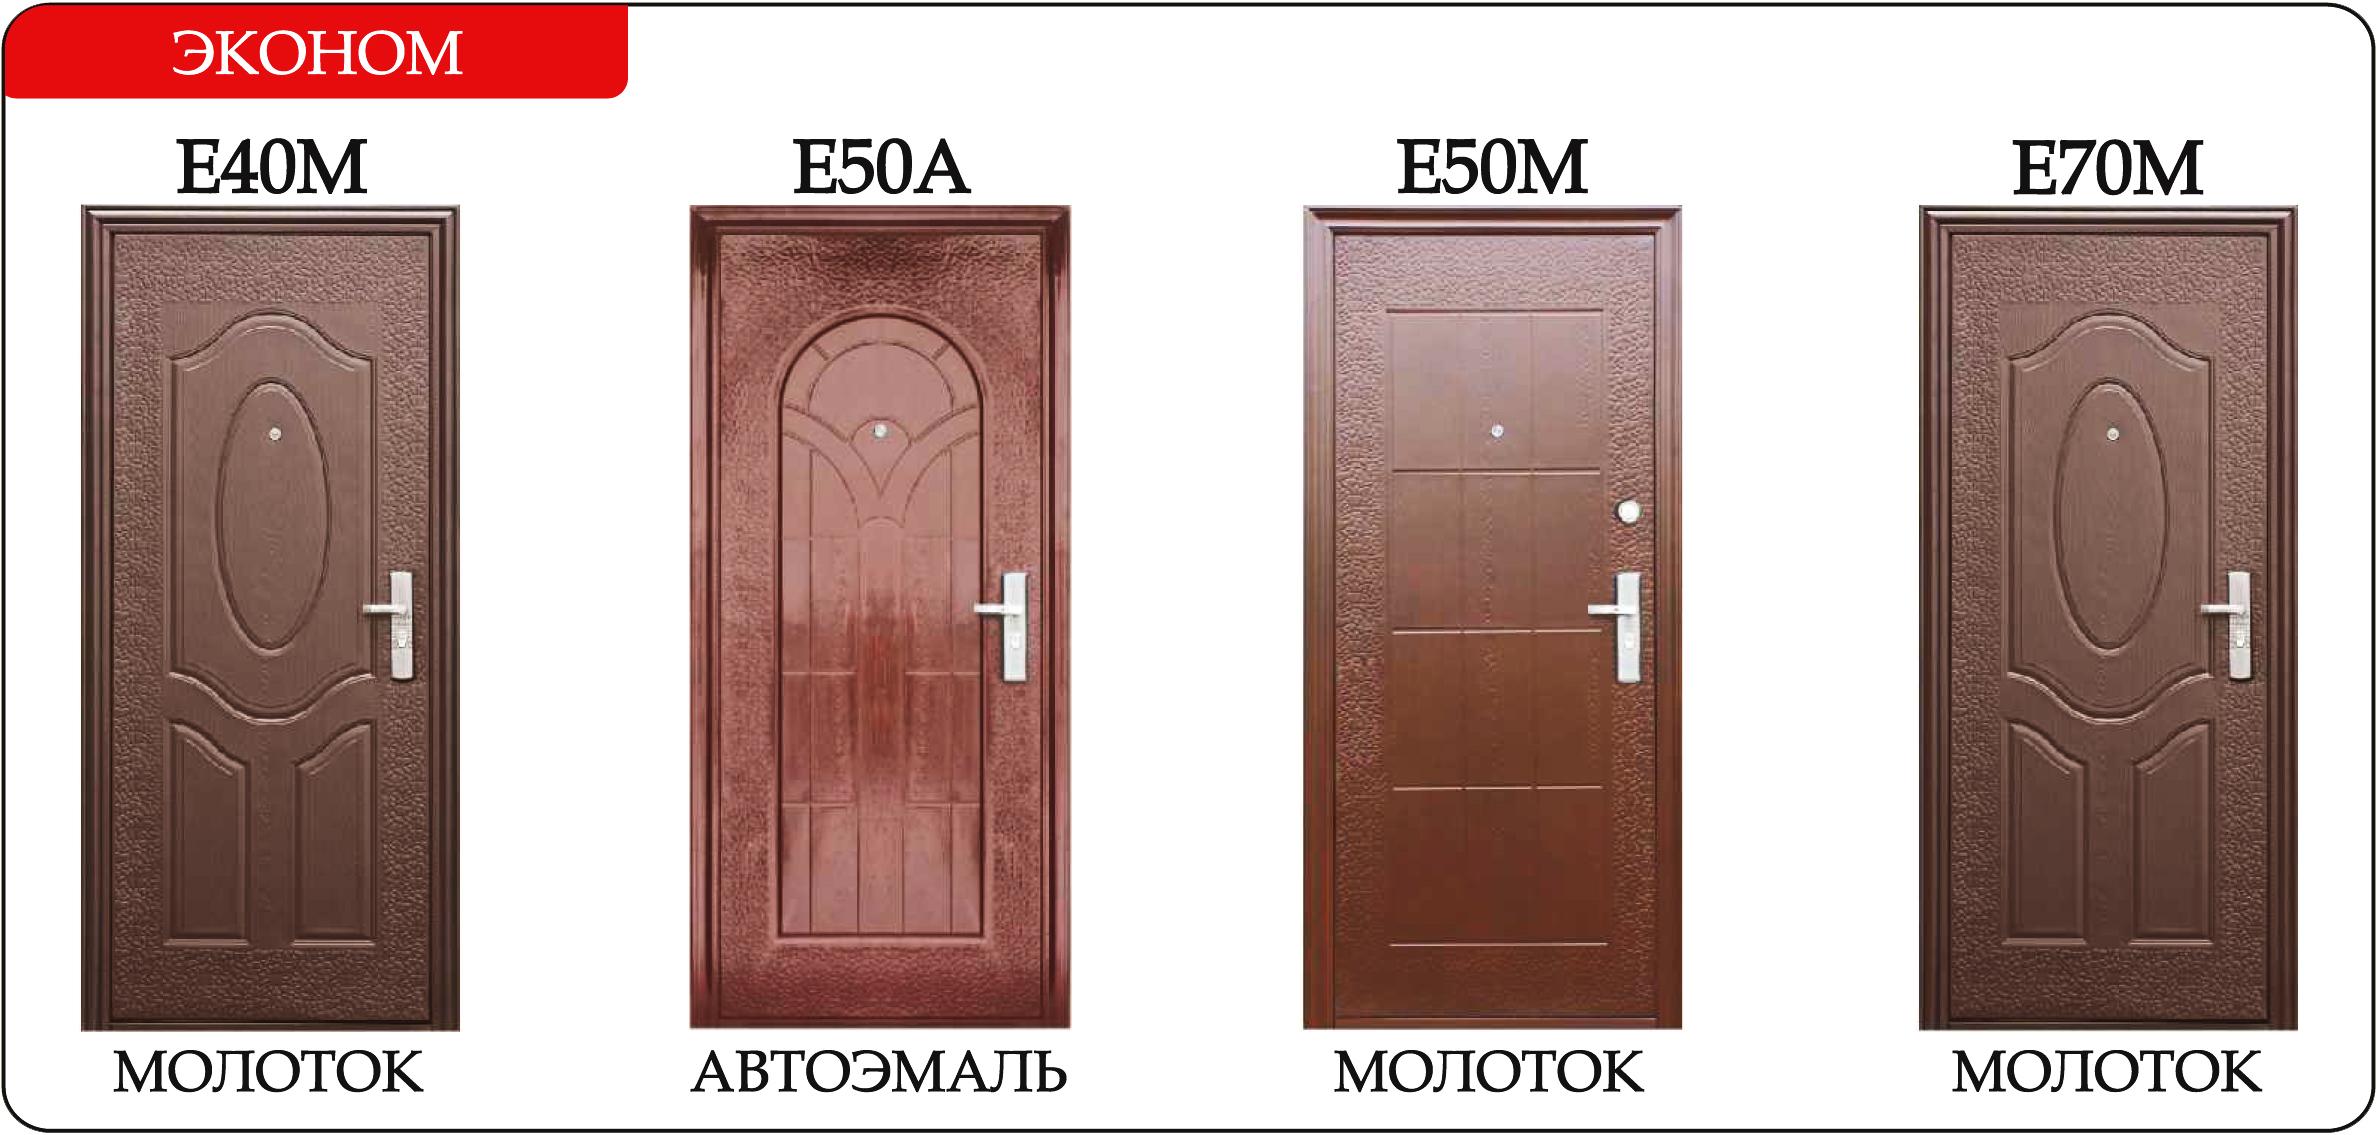 Модели дверей Kaiser эконом категории